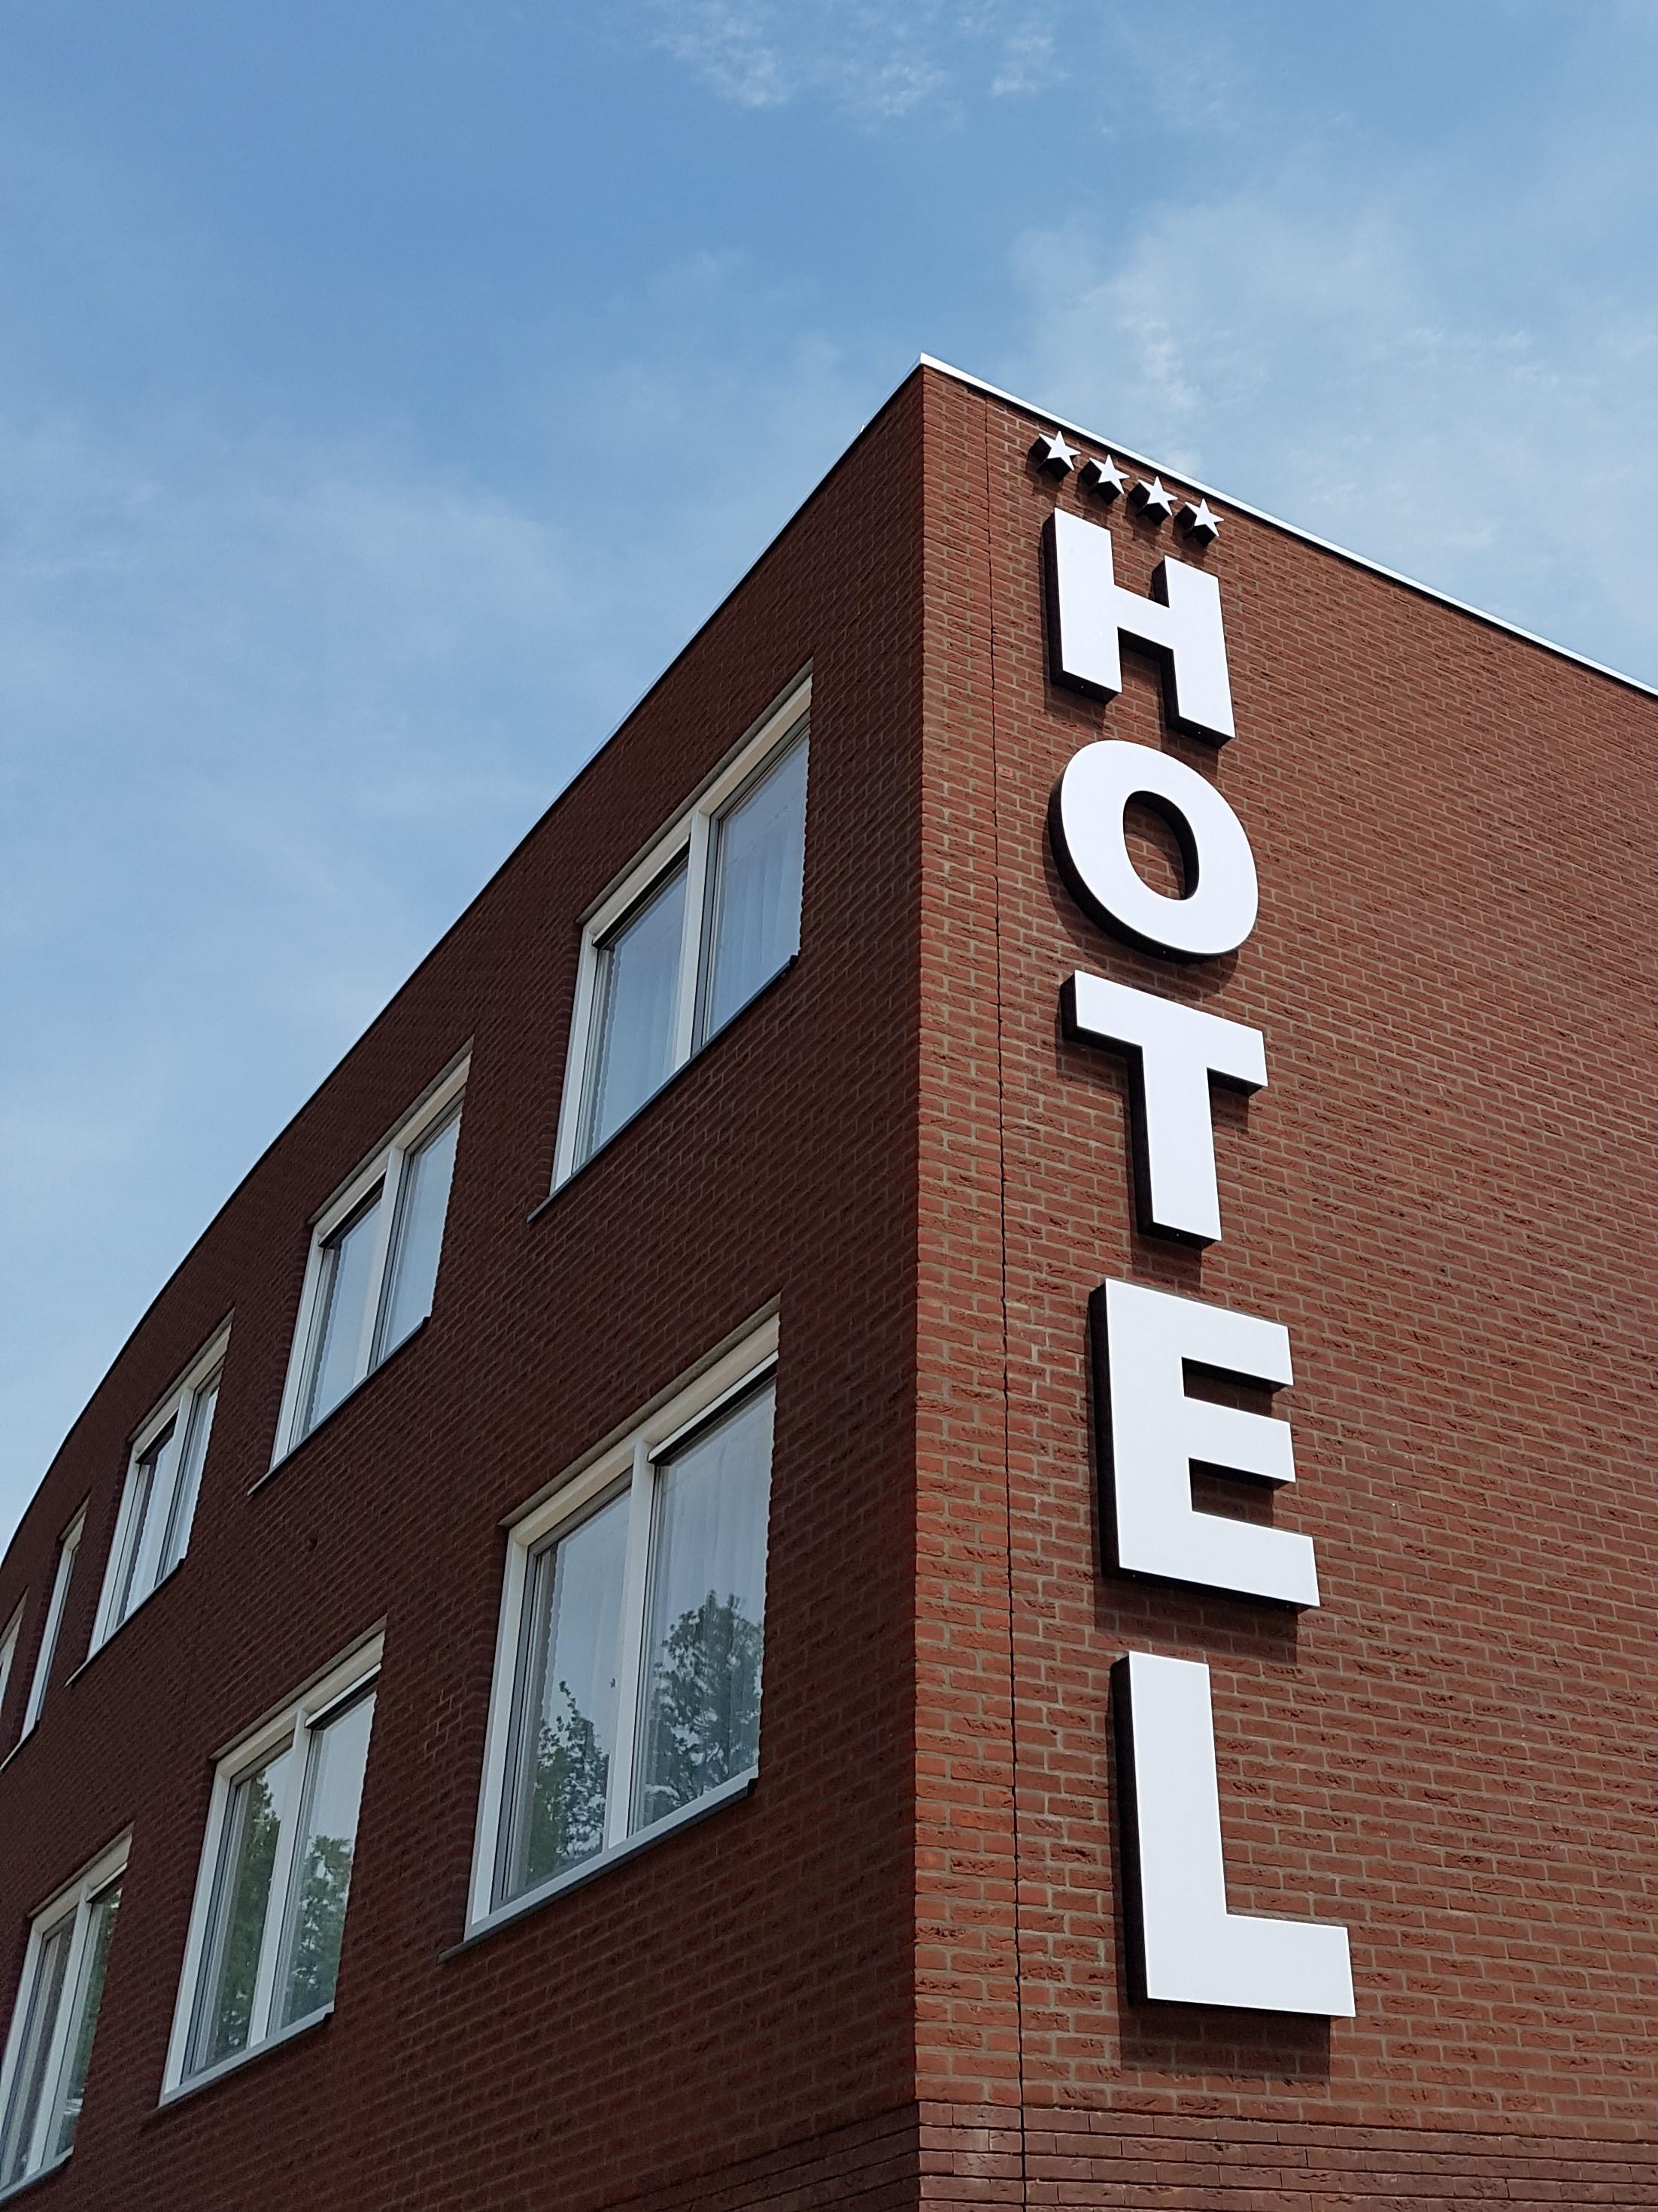 Nieuwbouw hotel De Bonte Wever in gebruik genomen!